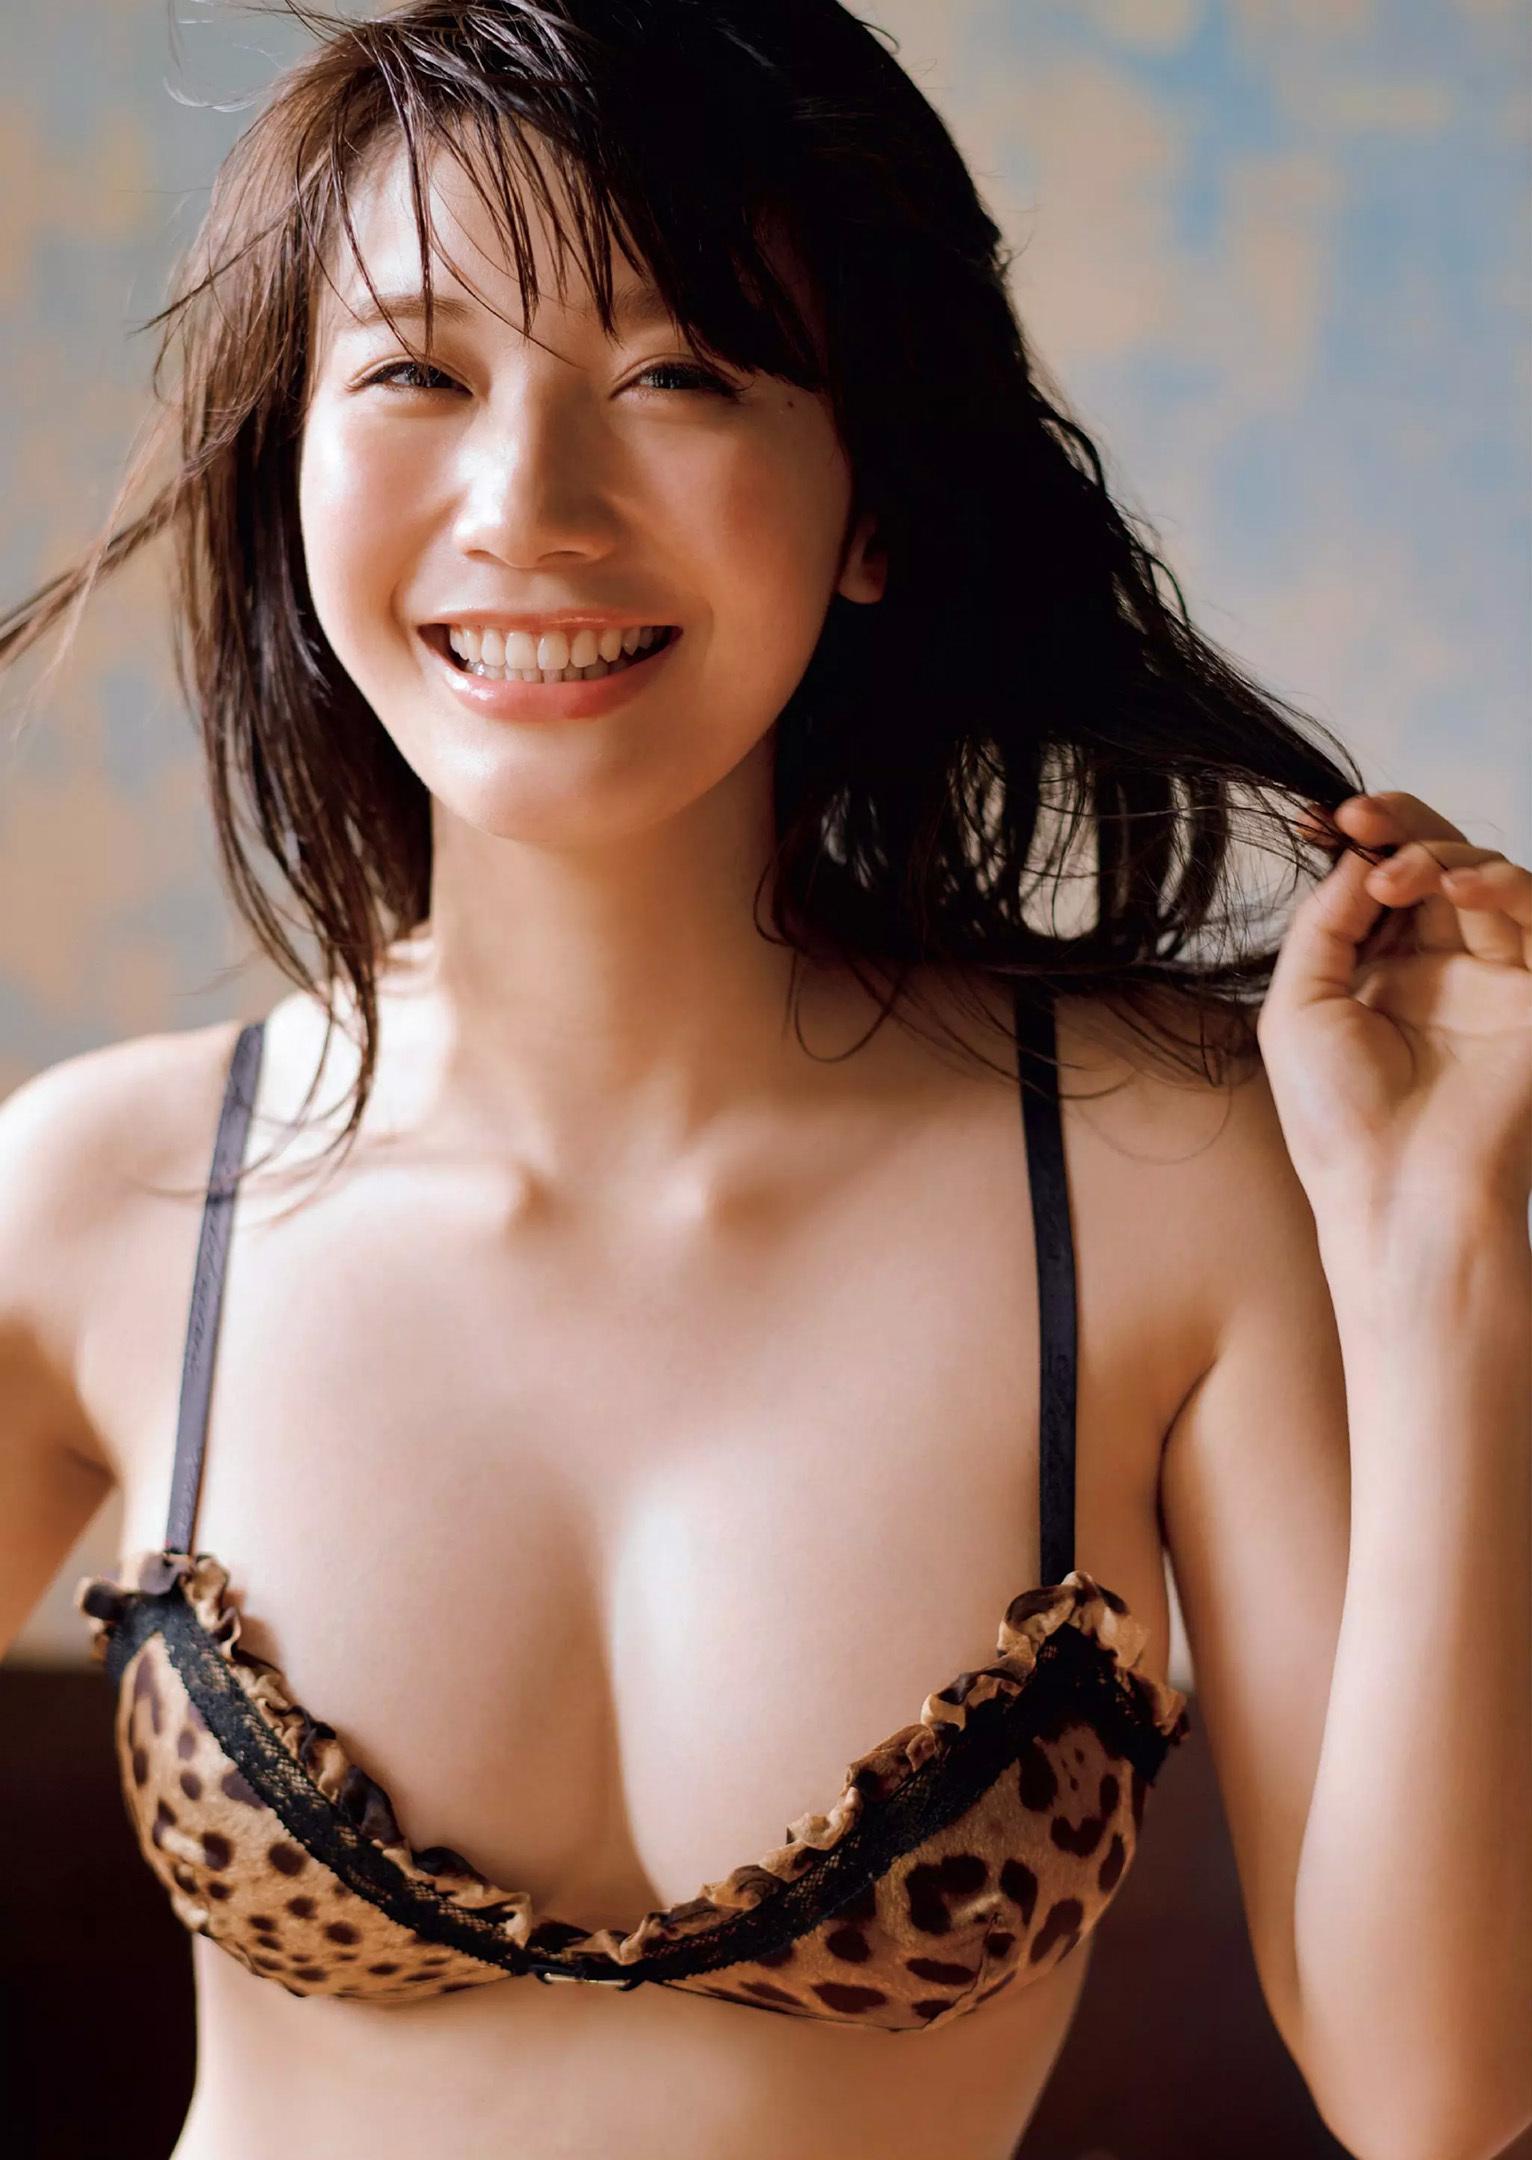 ogura_yuuka125.jpg